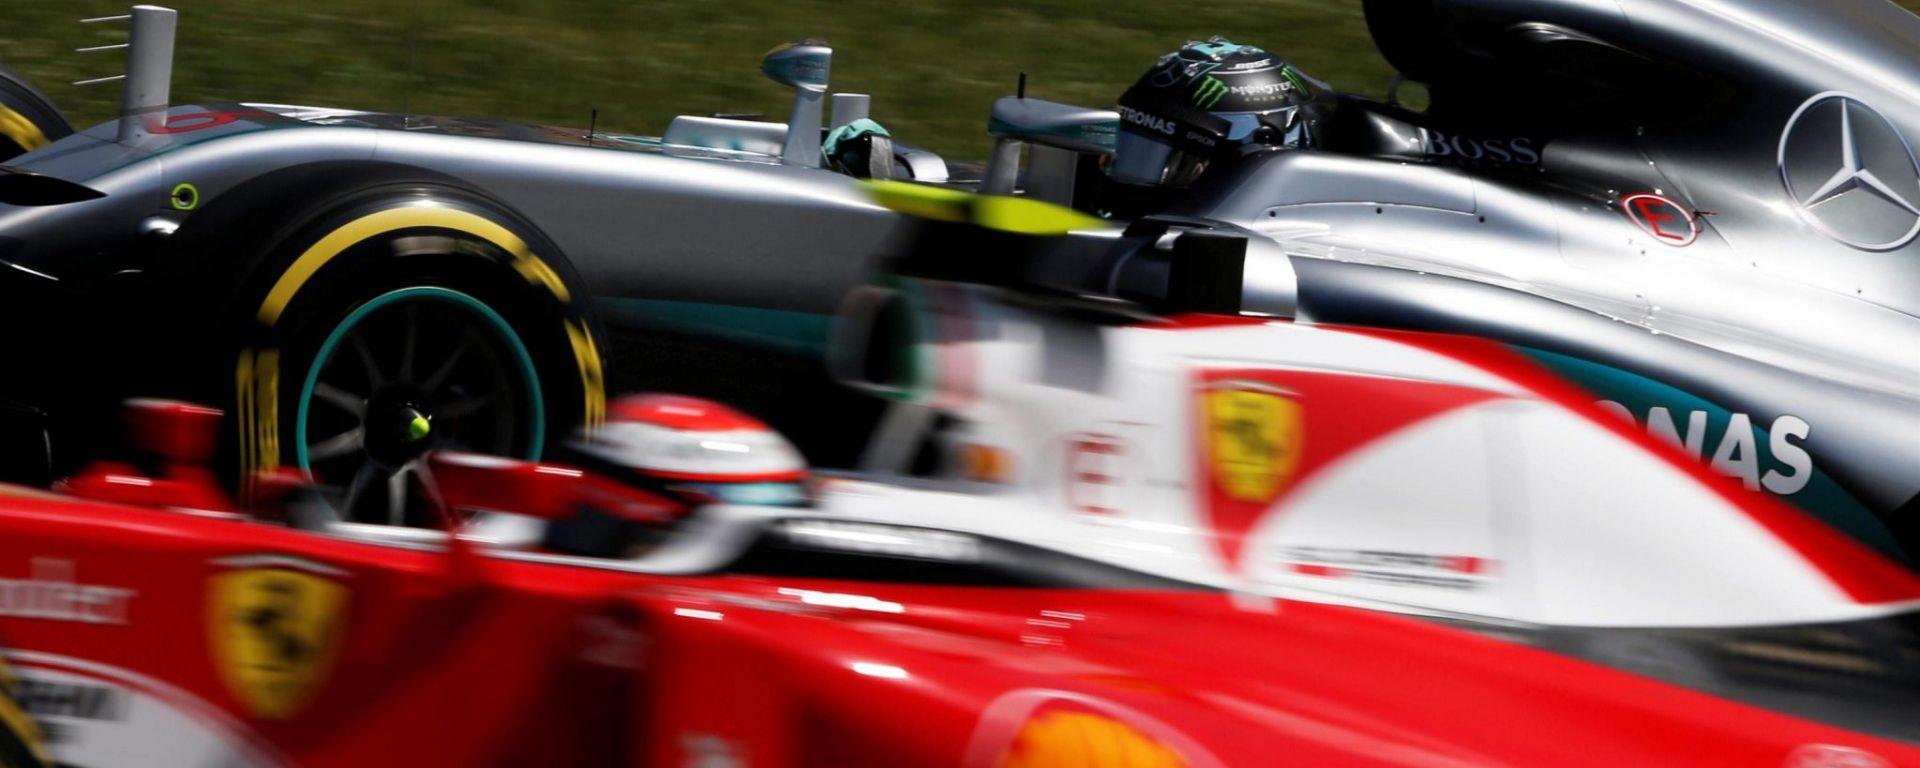 F1 2016 GP Spagna: Mercedes in pole, Hamilton il più veloce, flop Ferrari